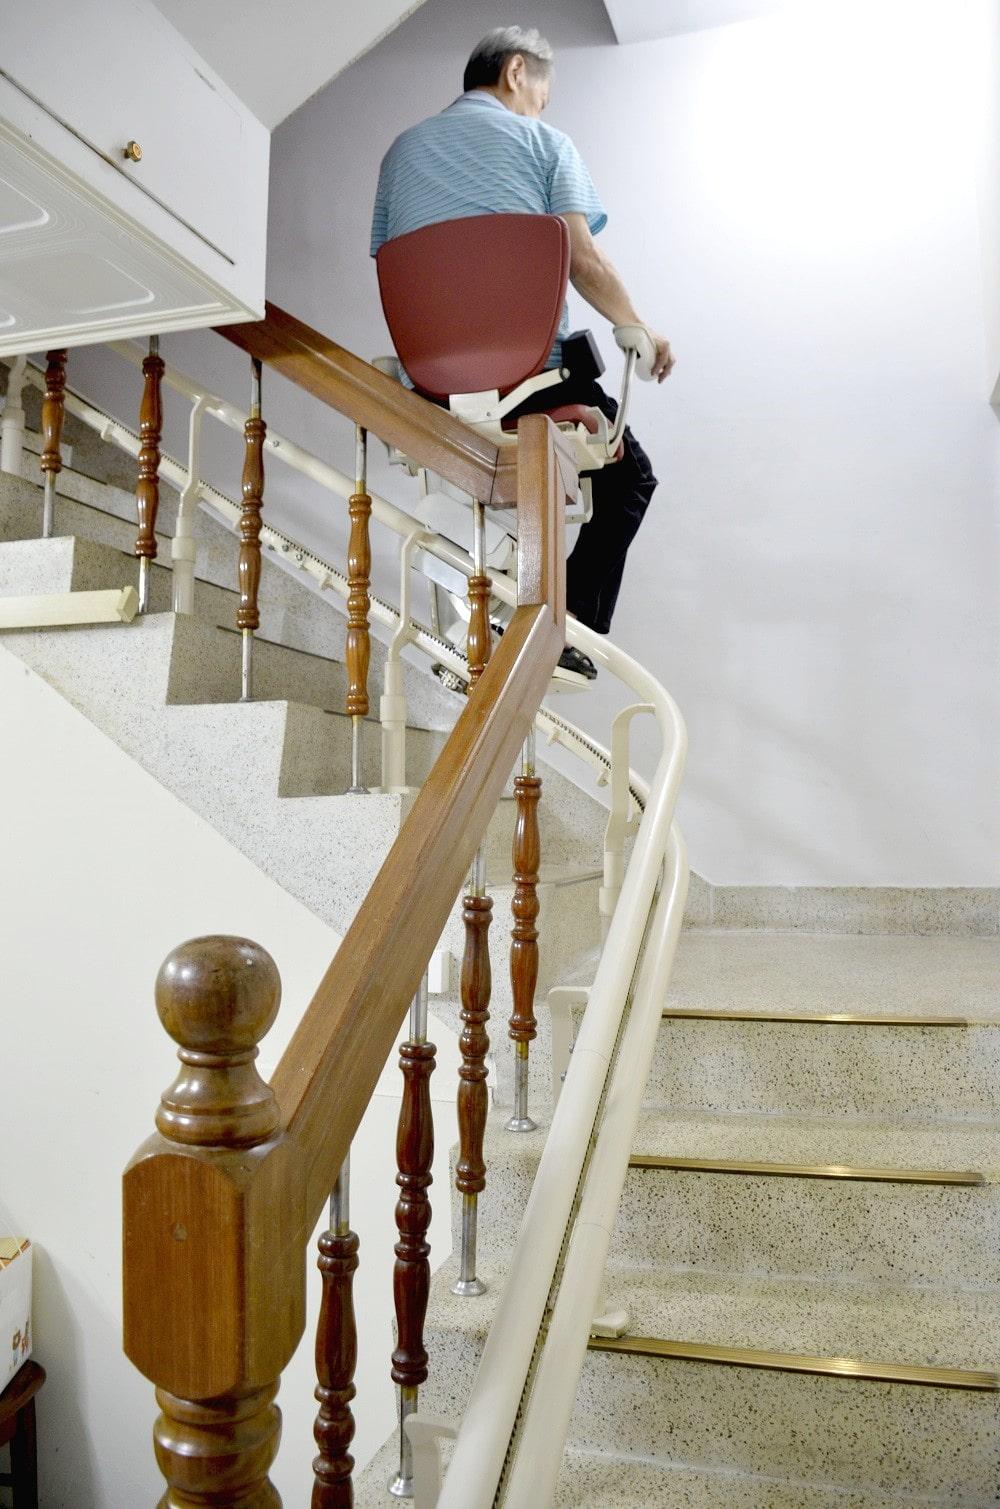 泓電樓梯升降椅,讓台中白大哥爬梯更輕鬆